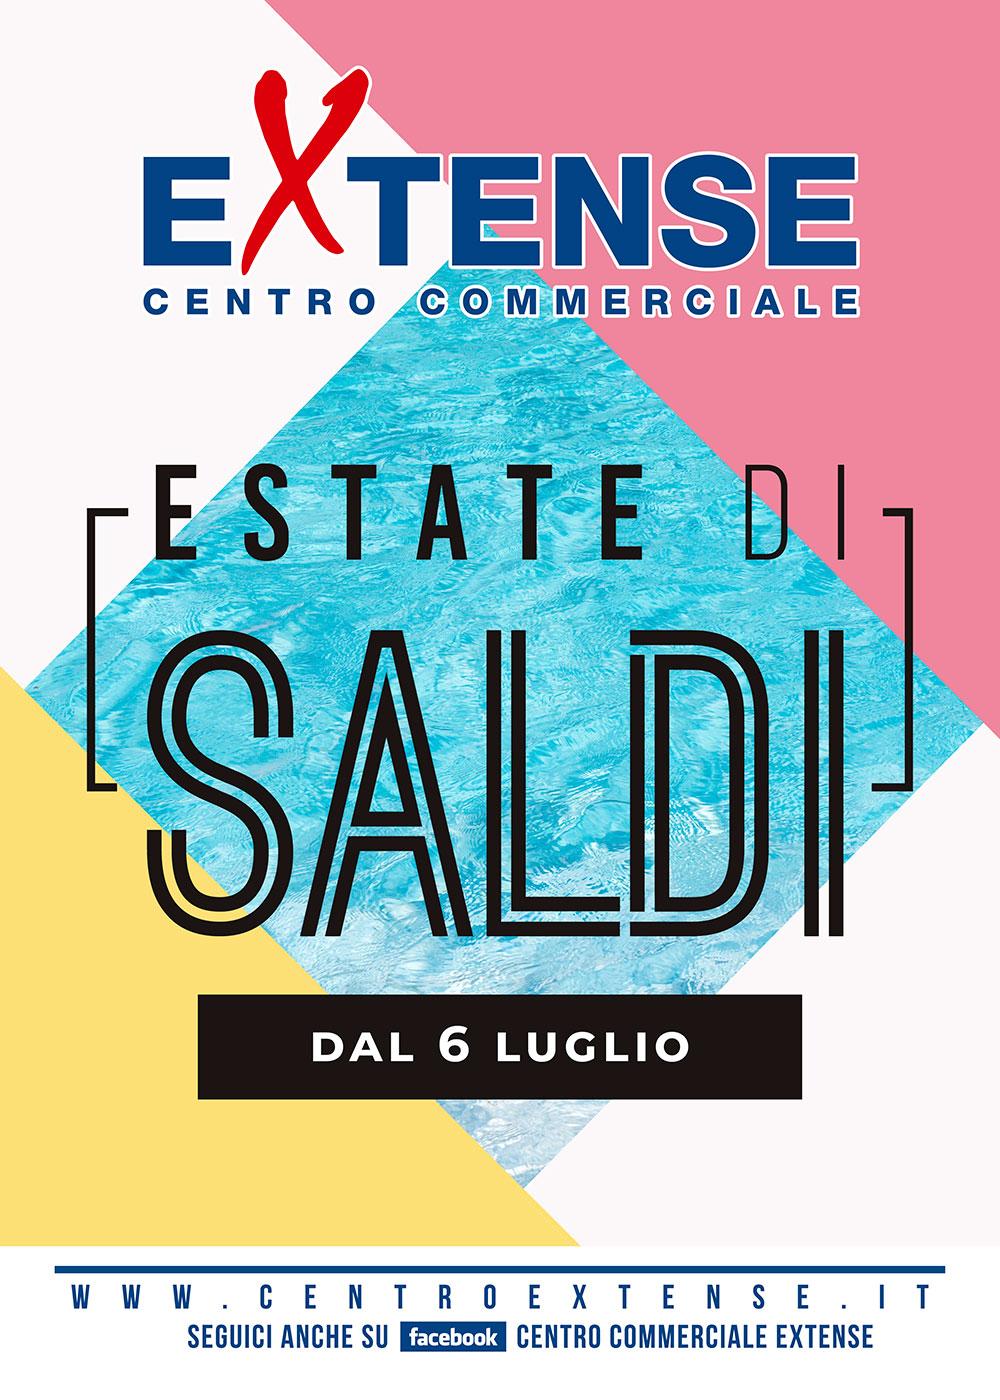 Saldi Estivi 2019 al Centro Commerciale Extense - luglio/agosto 2019